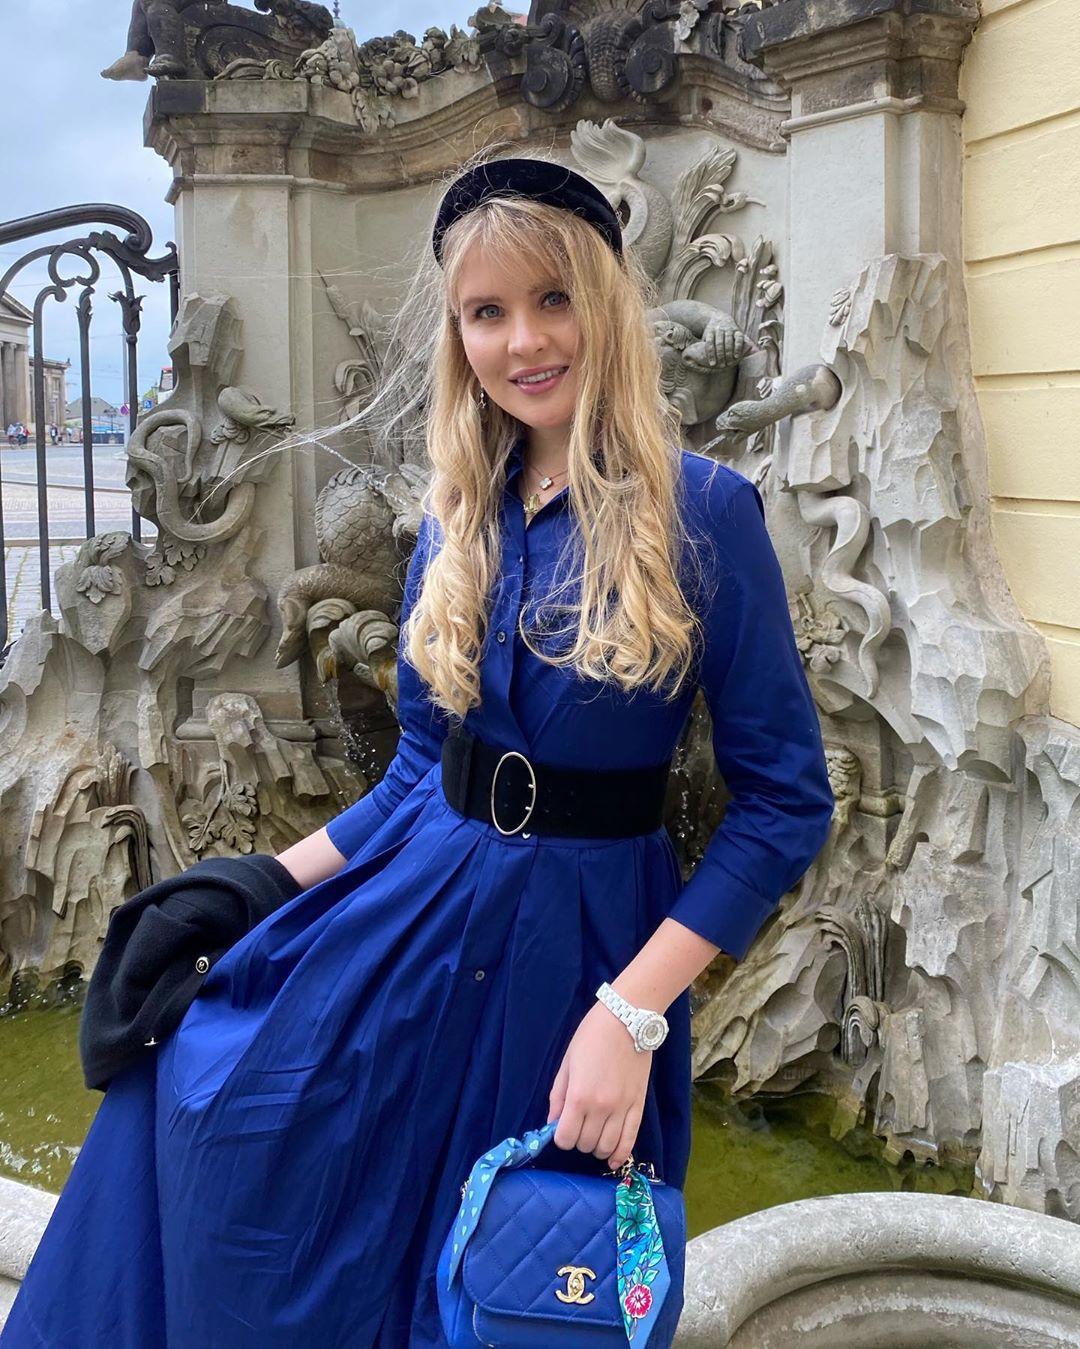 Устинья Малинина в элегантном синем платье